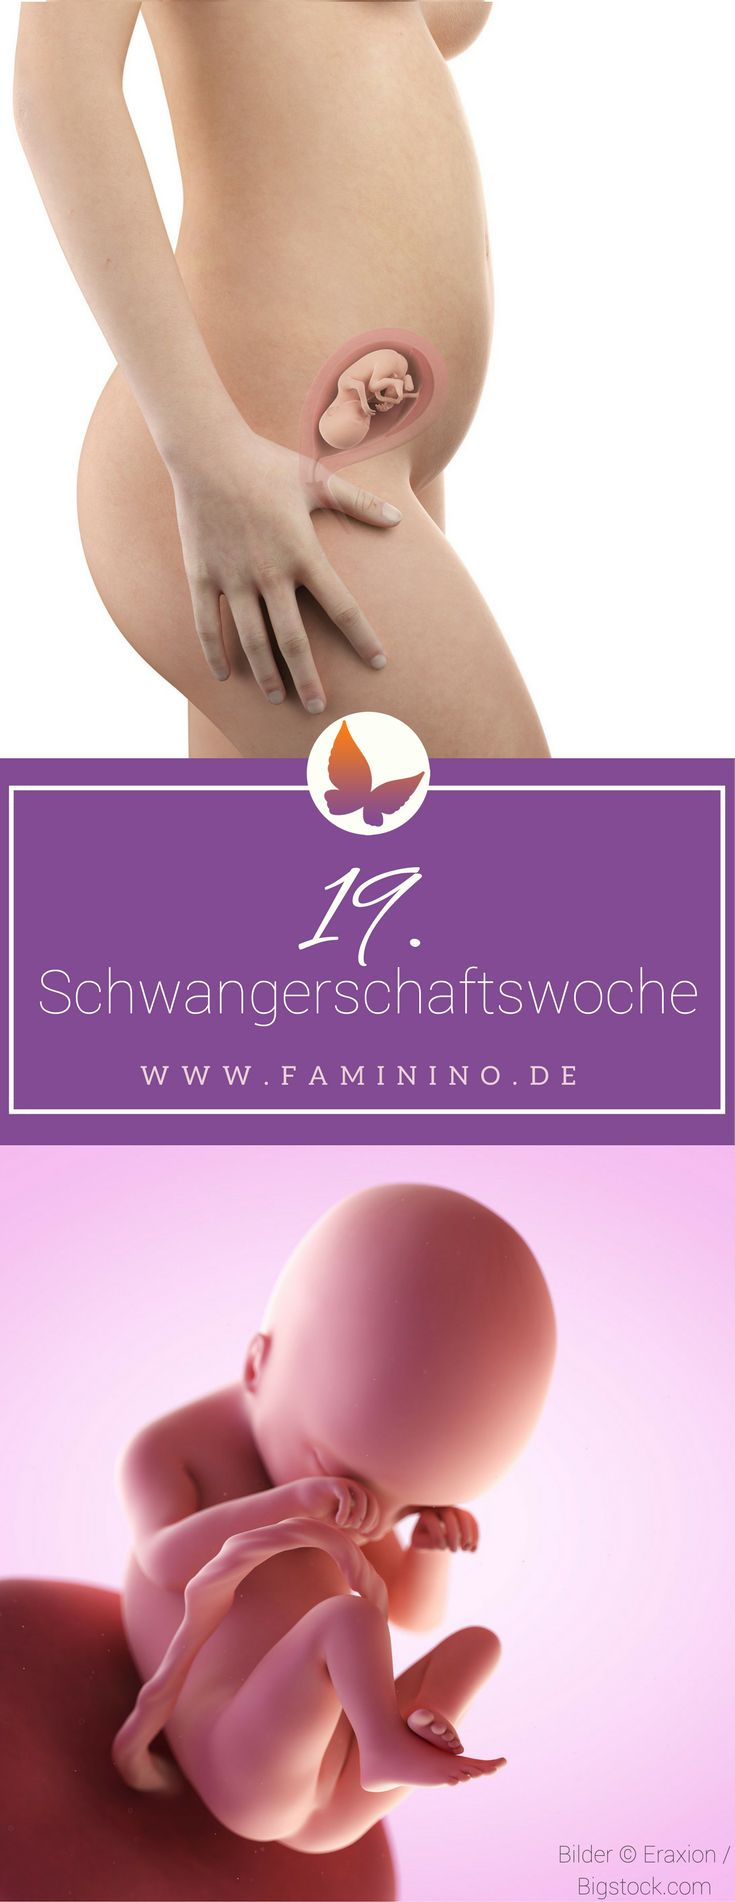 19. SSW (Schwangerschaftswoche): Dein Baby, dein Körper, Beschwerden und mehr